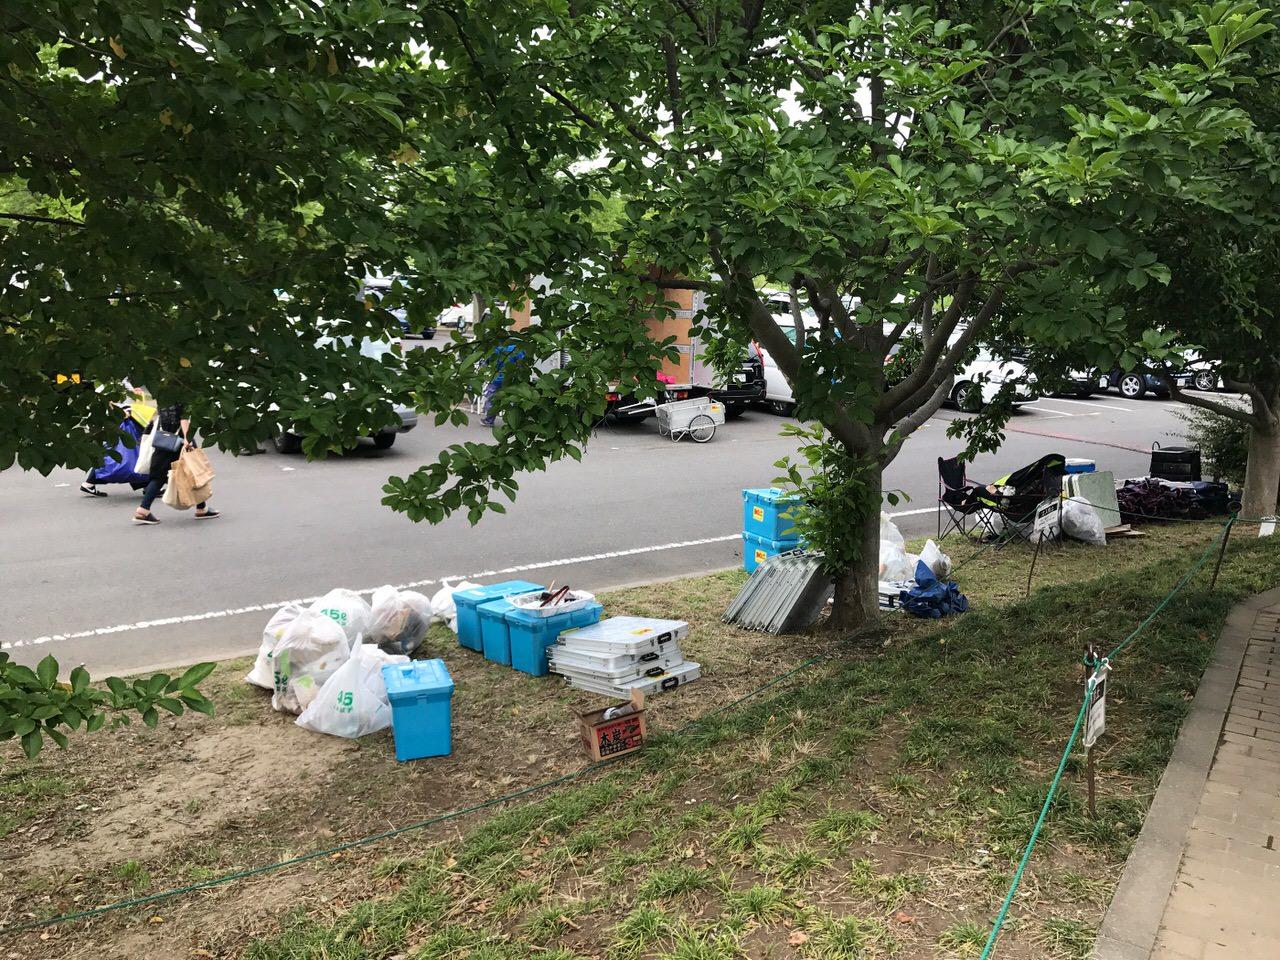 休日の公園でバーベキューレンタルの回収を見かけた 〜セッティング付きだと場所取りもしてくれるらしい